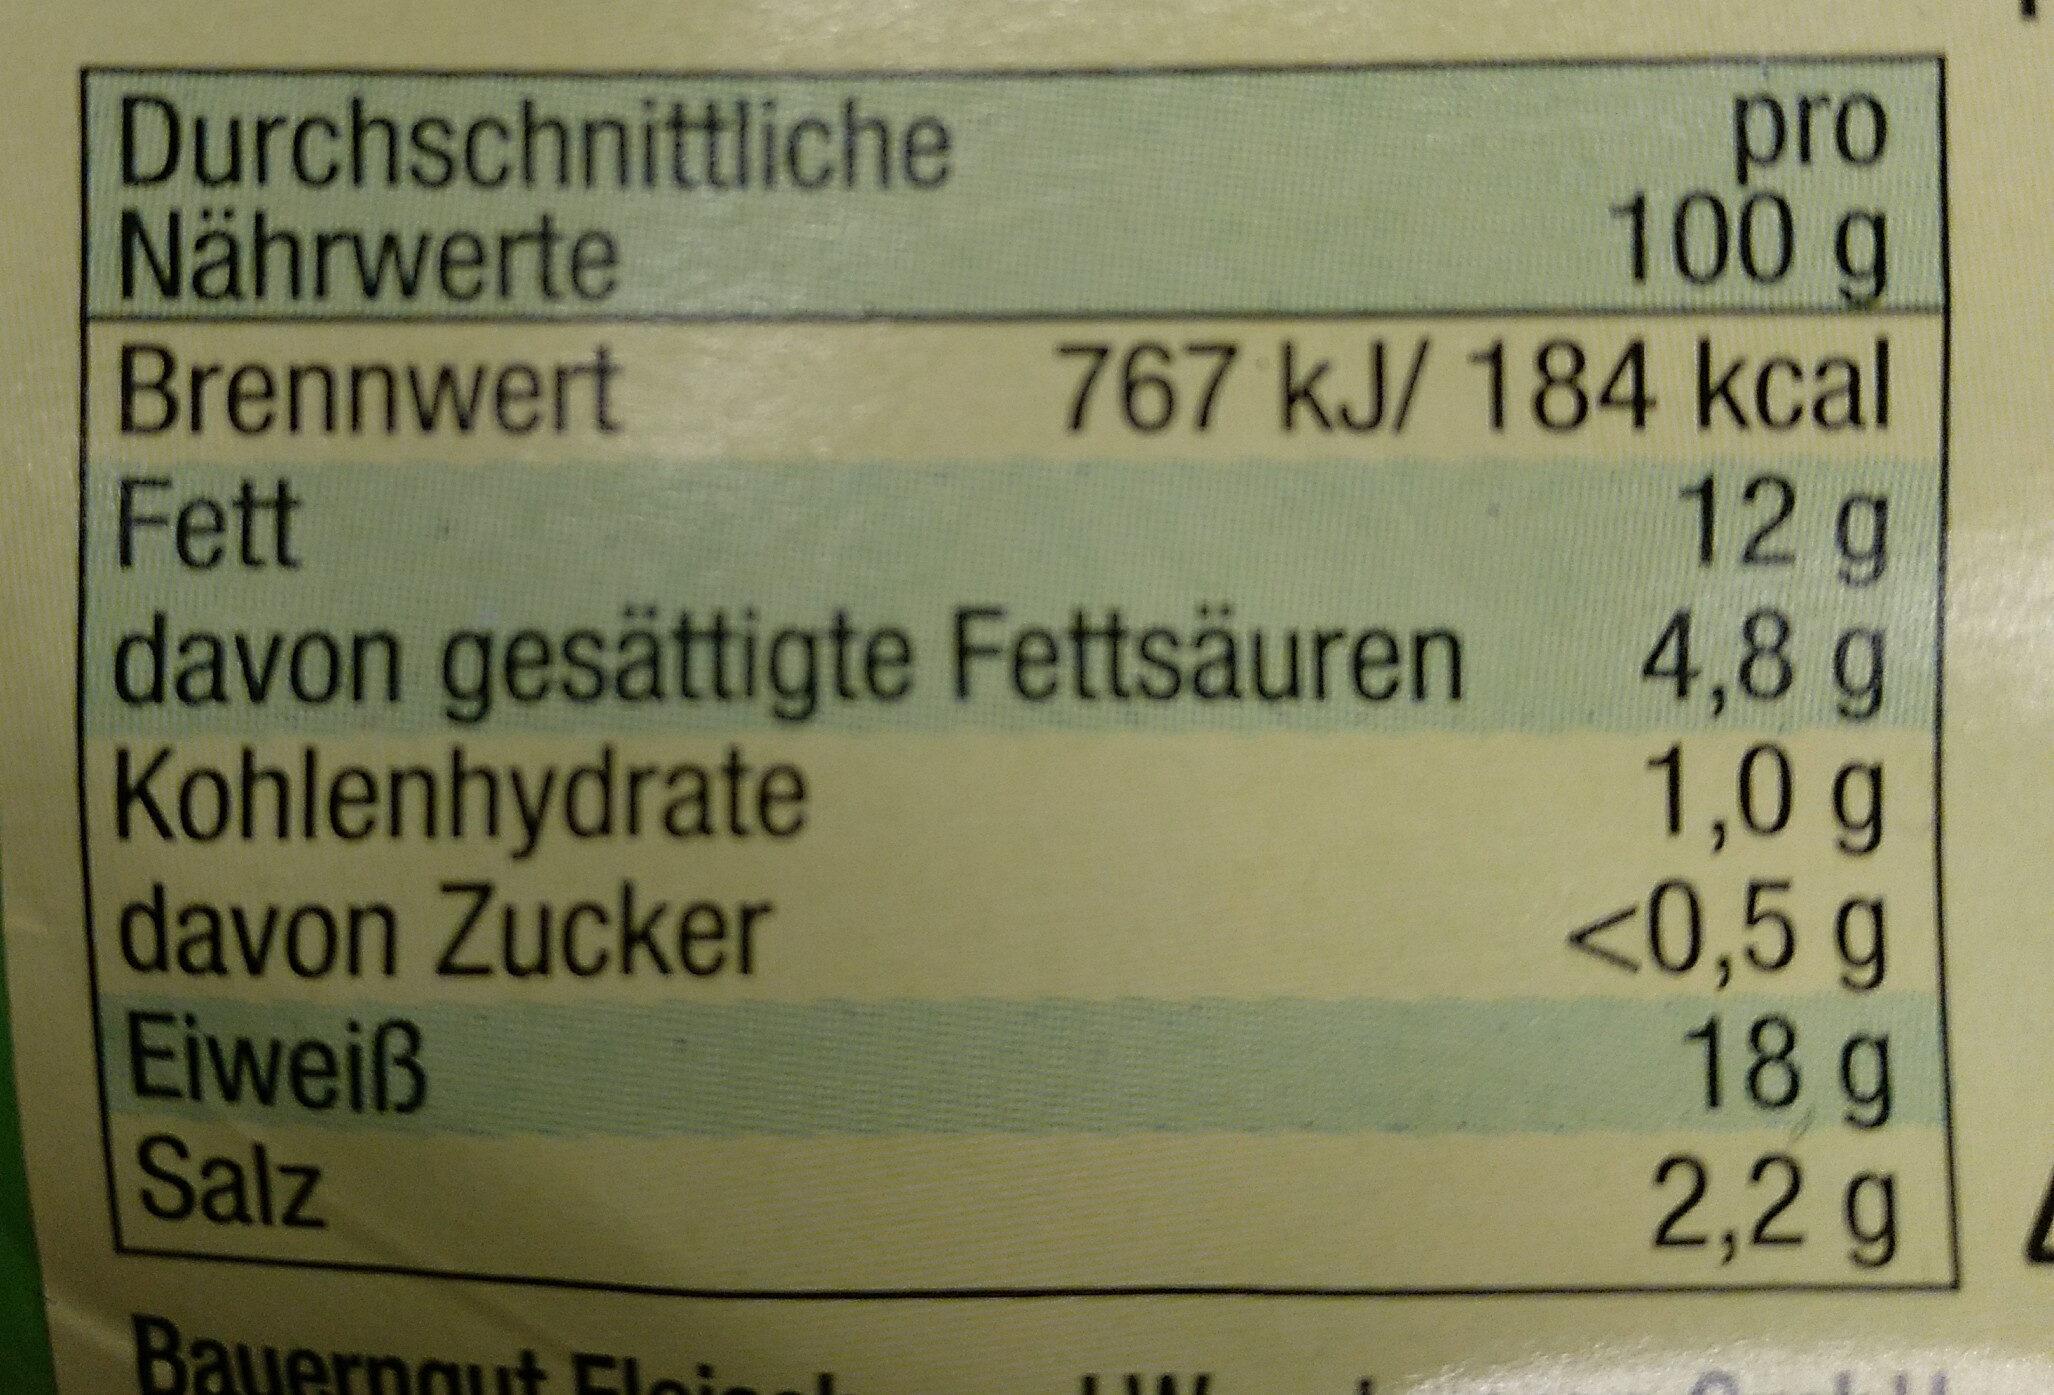 Bauernfrühstück nach Art einer frischen Zwiebelmettwurst - Voedingswaarden - de